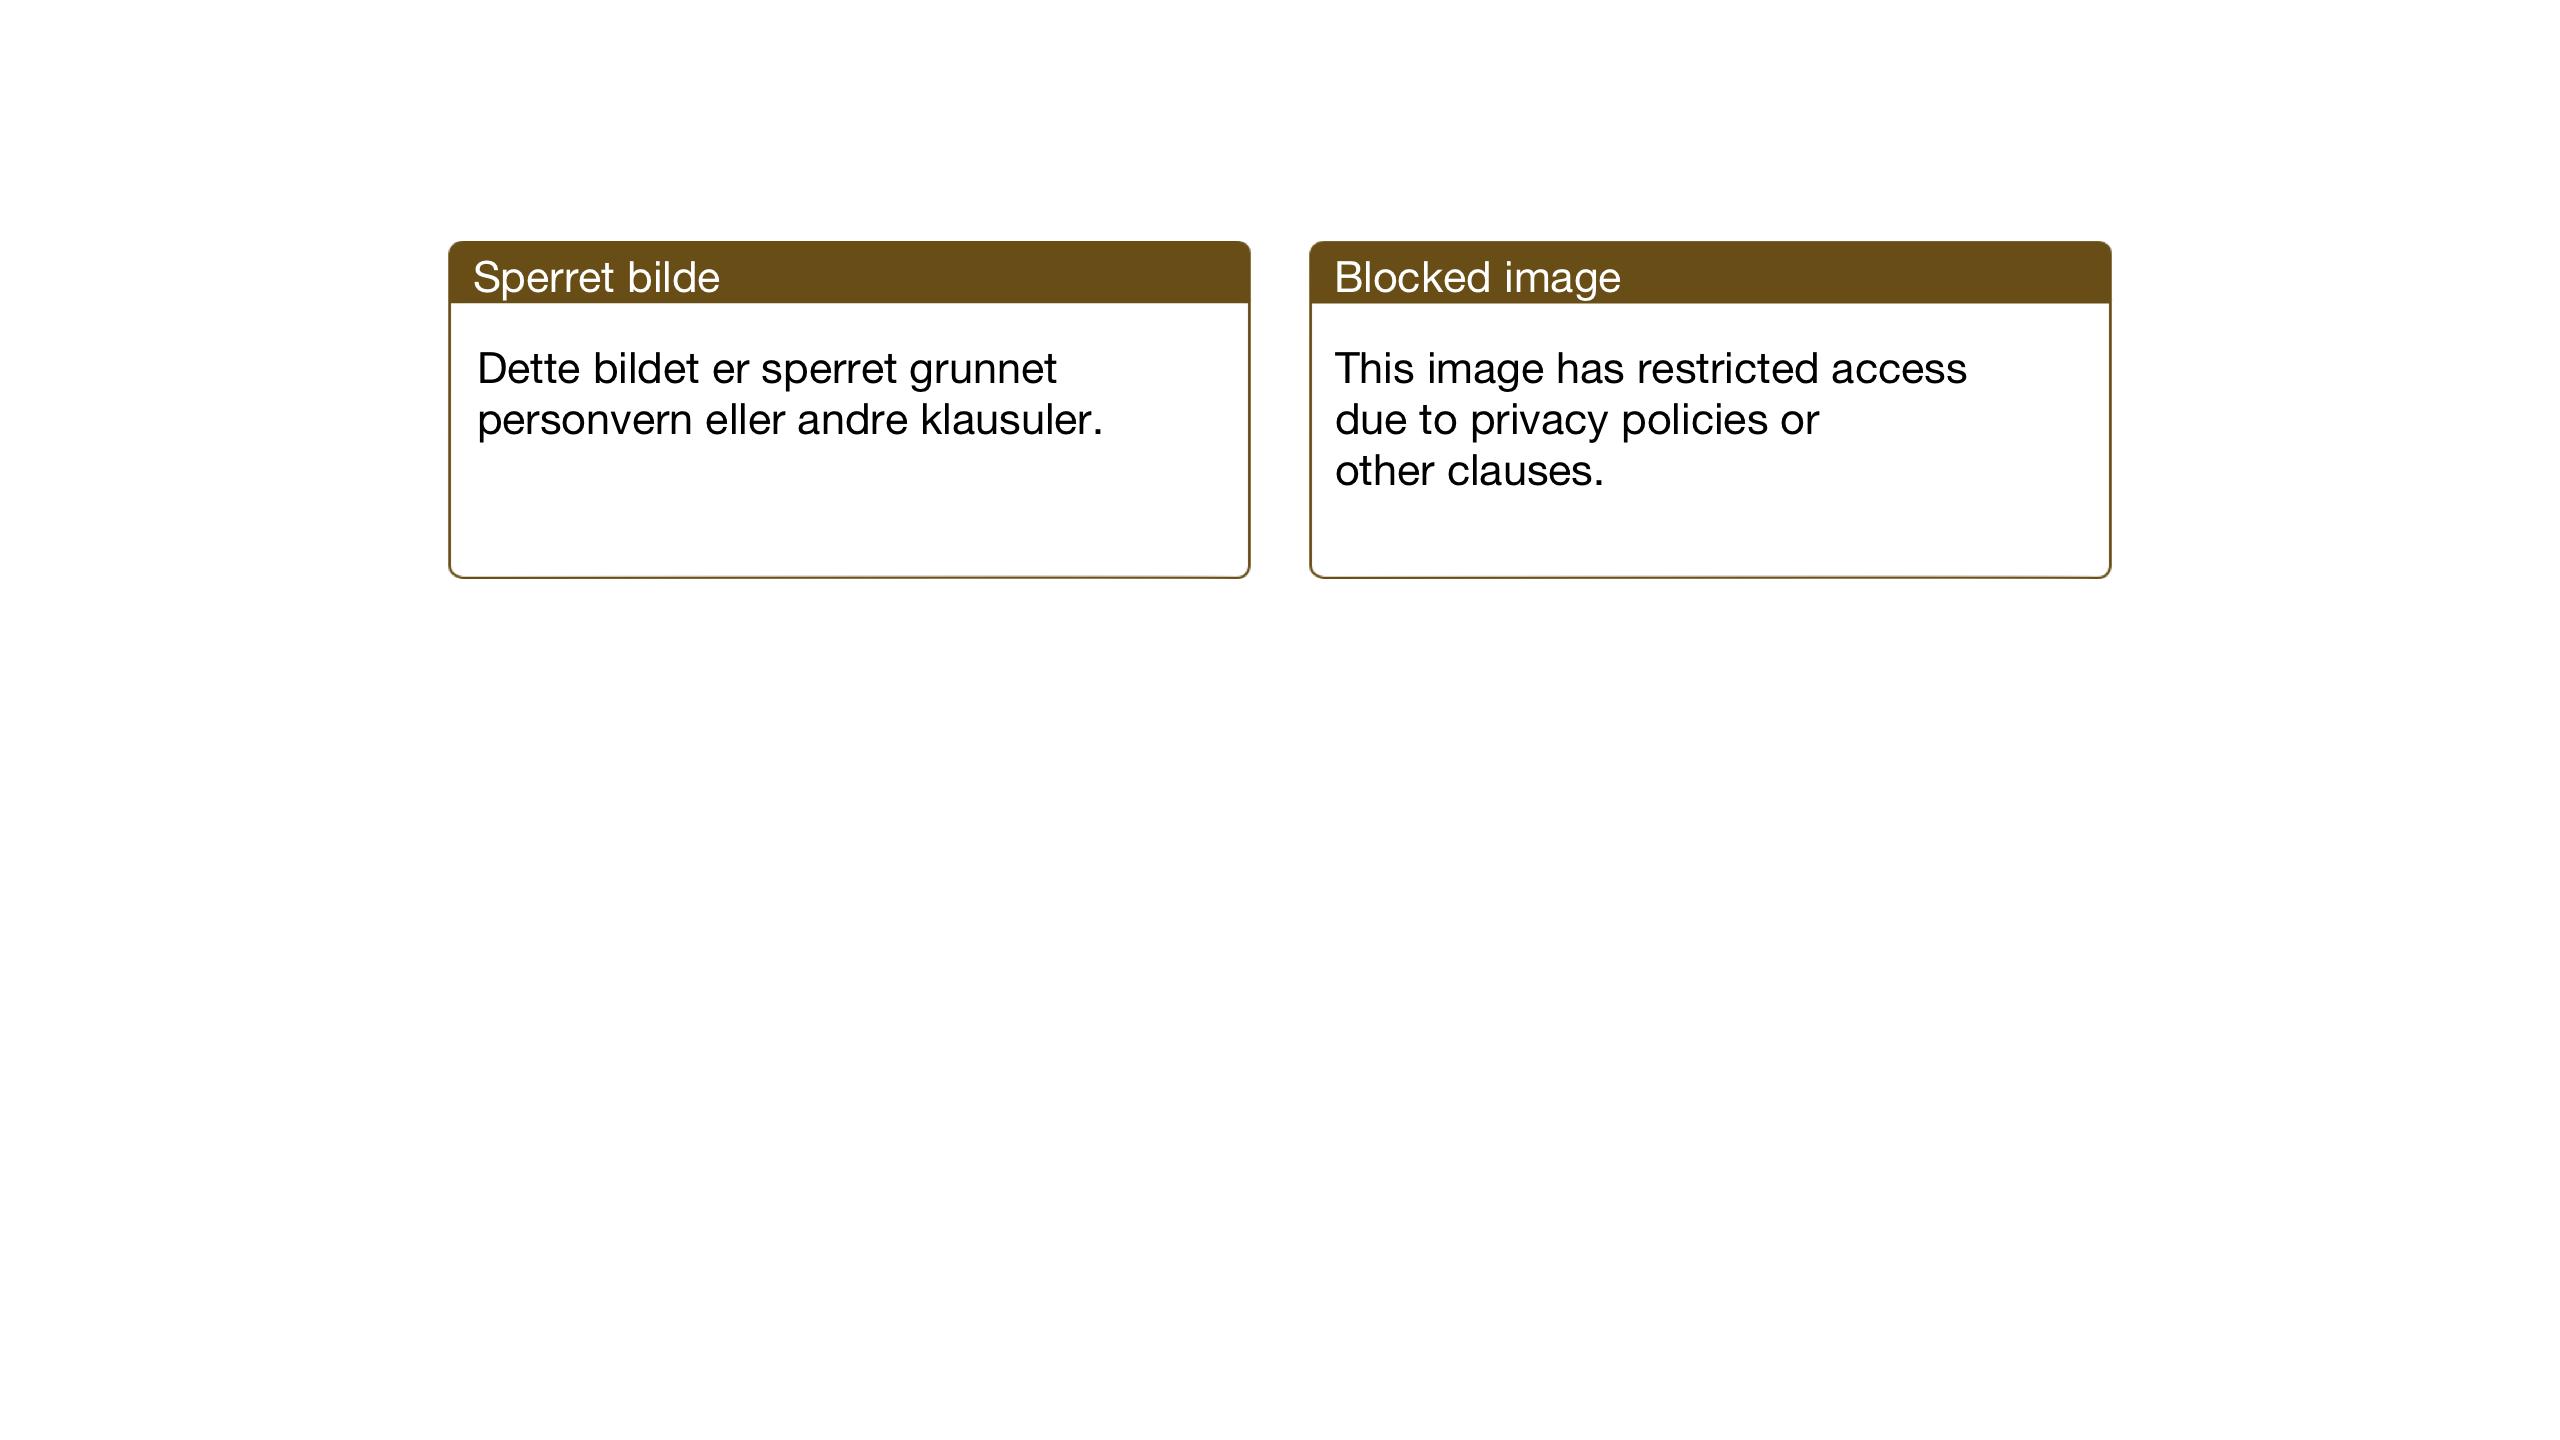 SAT, Ministerialprotokoller, klokkerbøker og fødselsregistre - Sør-Trøndelag, 615/L0401: Klokkerbok nr. 615C02, 1922-1941, s. 51